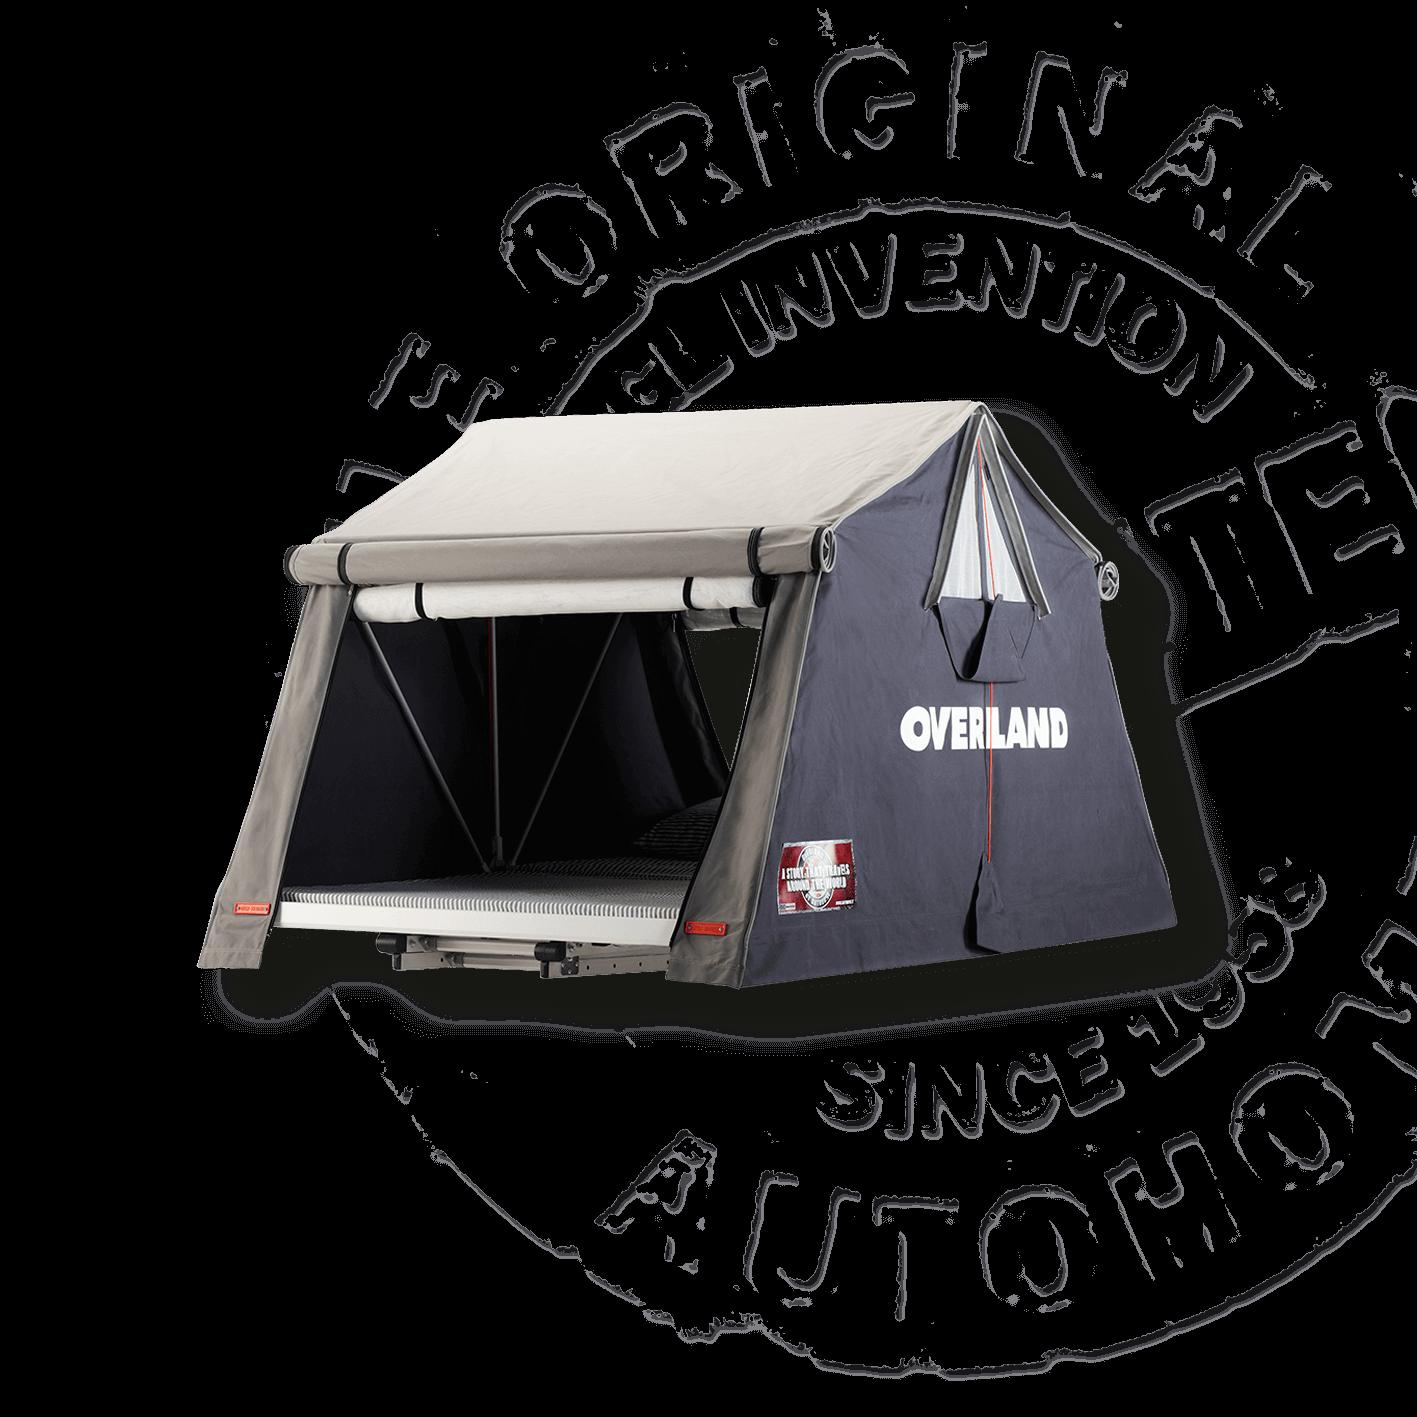 Autohome Dachzelt - Carbon Overland Roof Top Tents